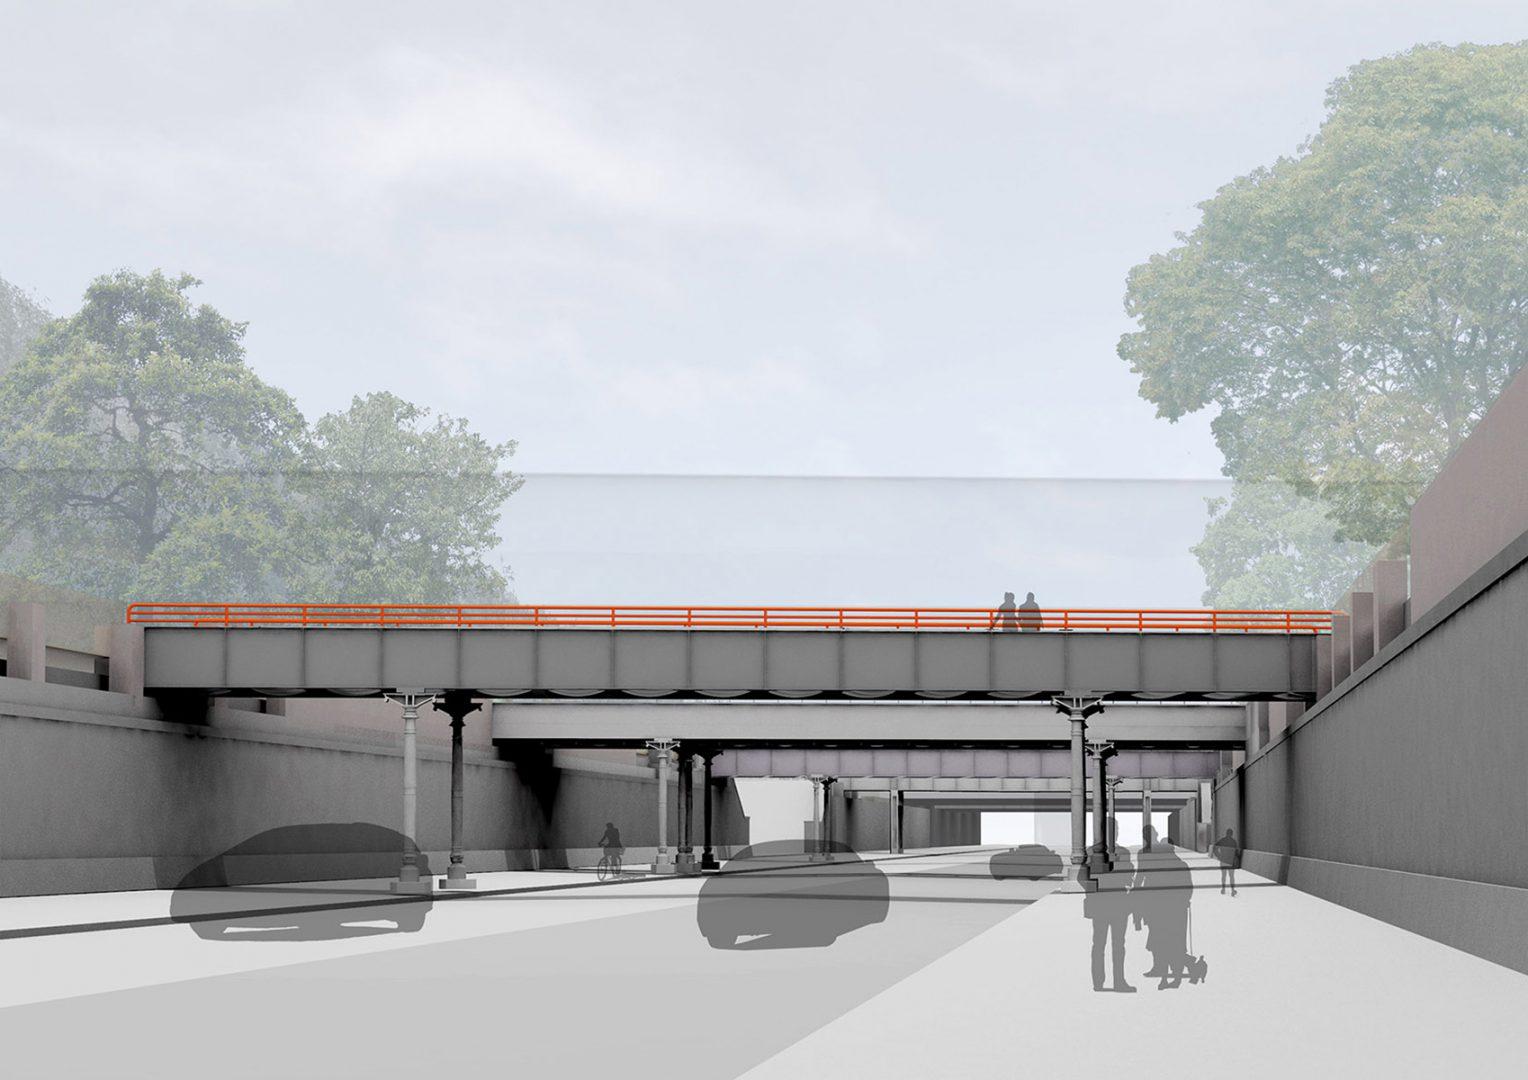 Yorkbrücken Rendering, Berlin | Sauerzapfe Architekten